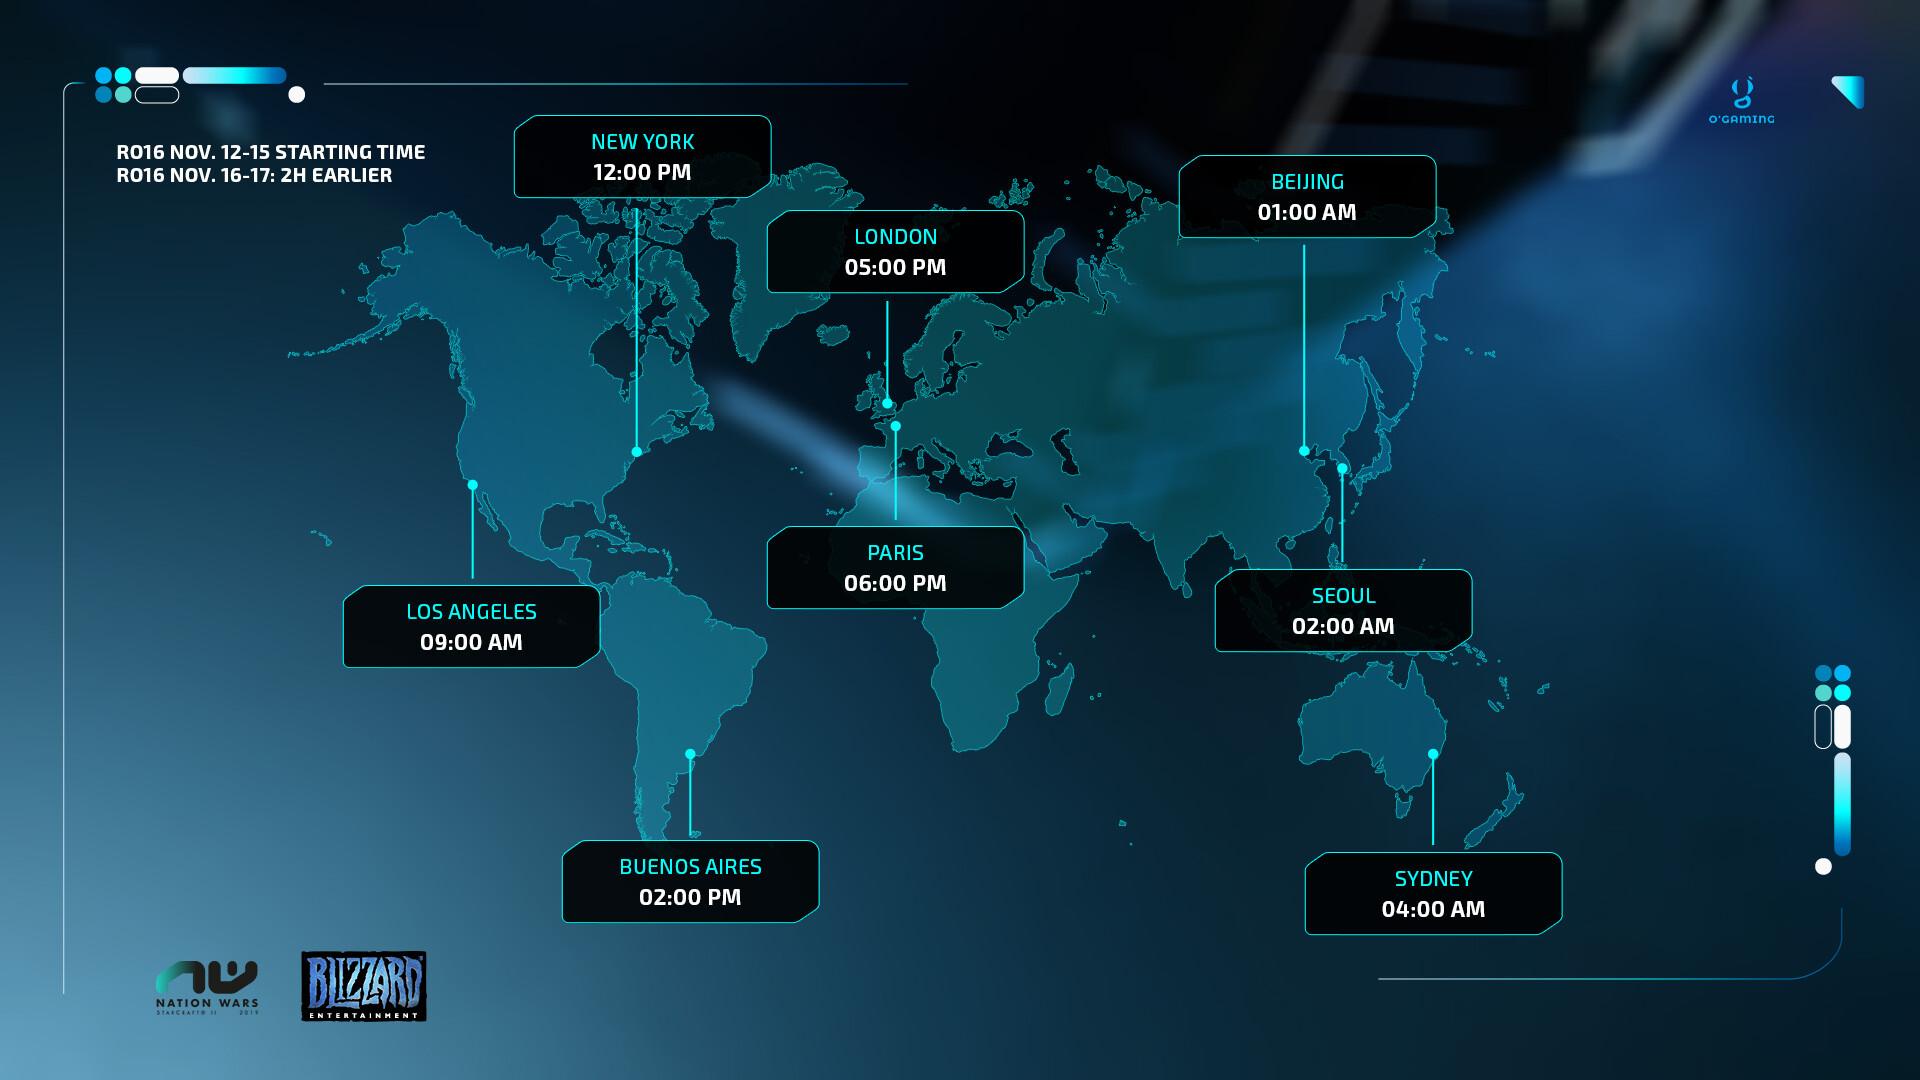 International Schedule